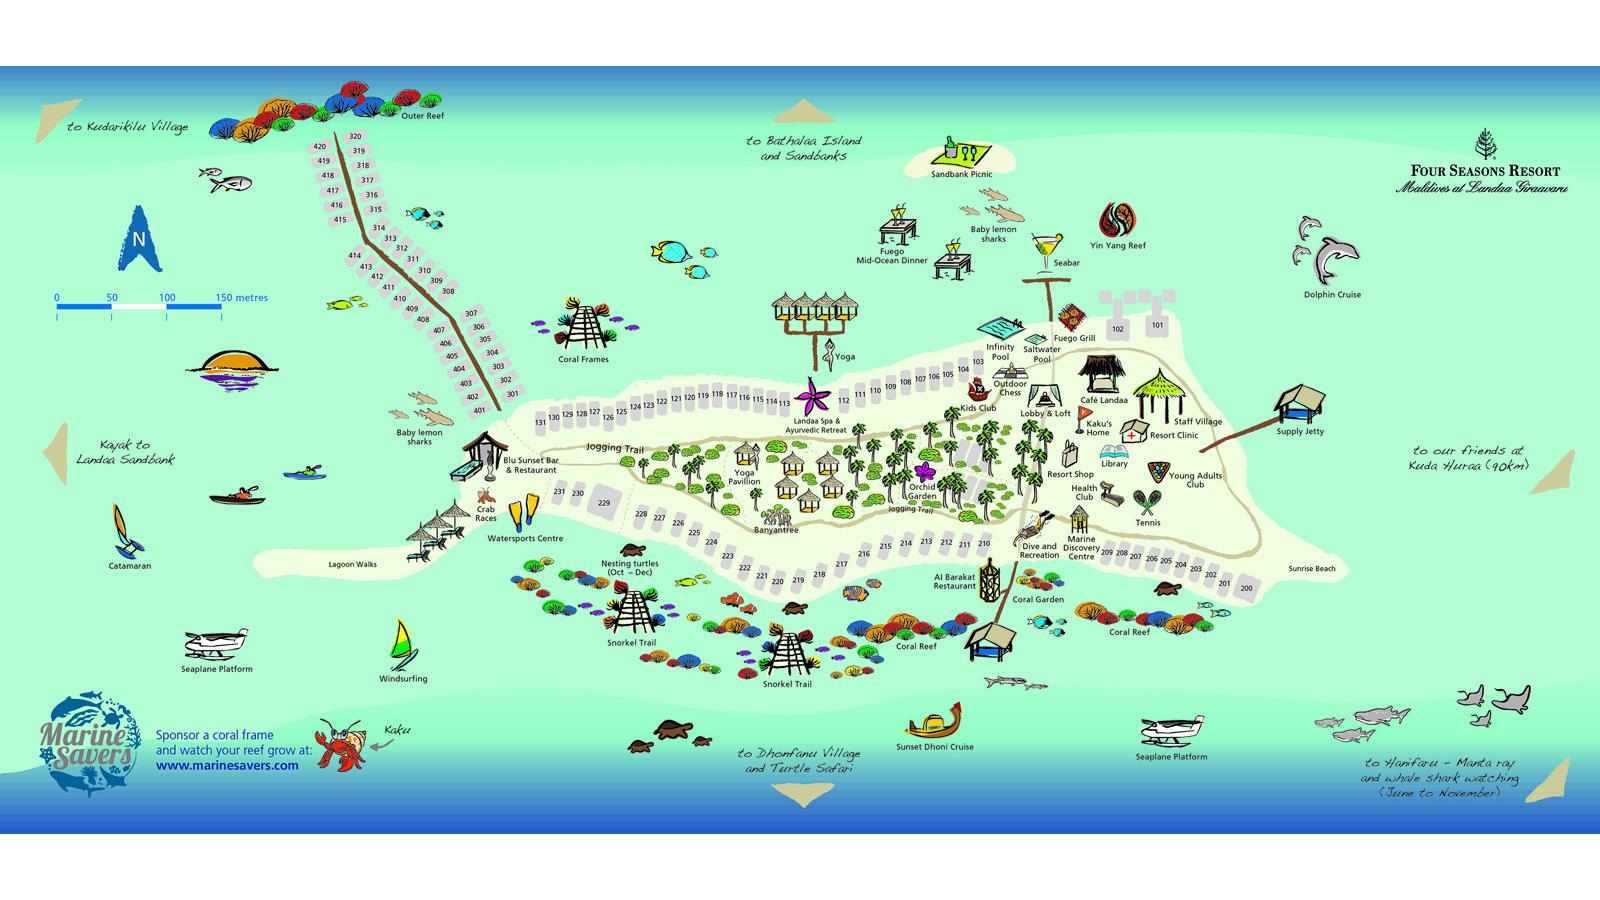 Maldives Resort Map Four Seasons Resort at Landaa Giraavaru